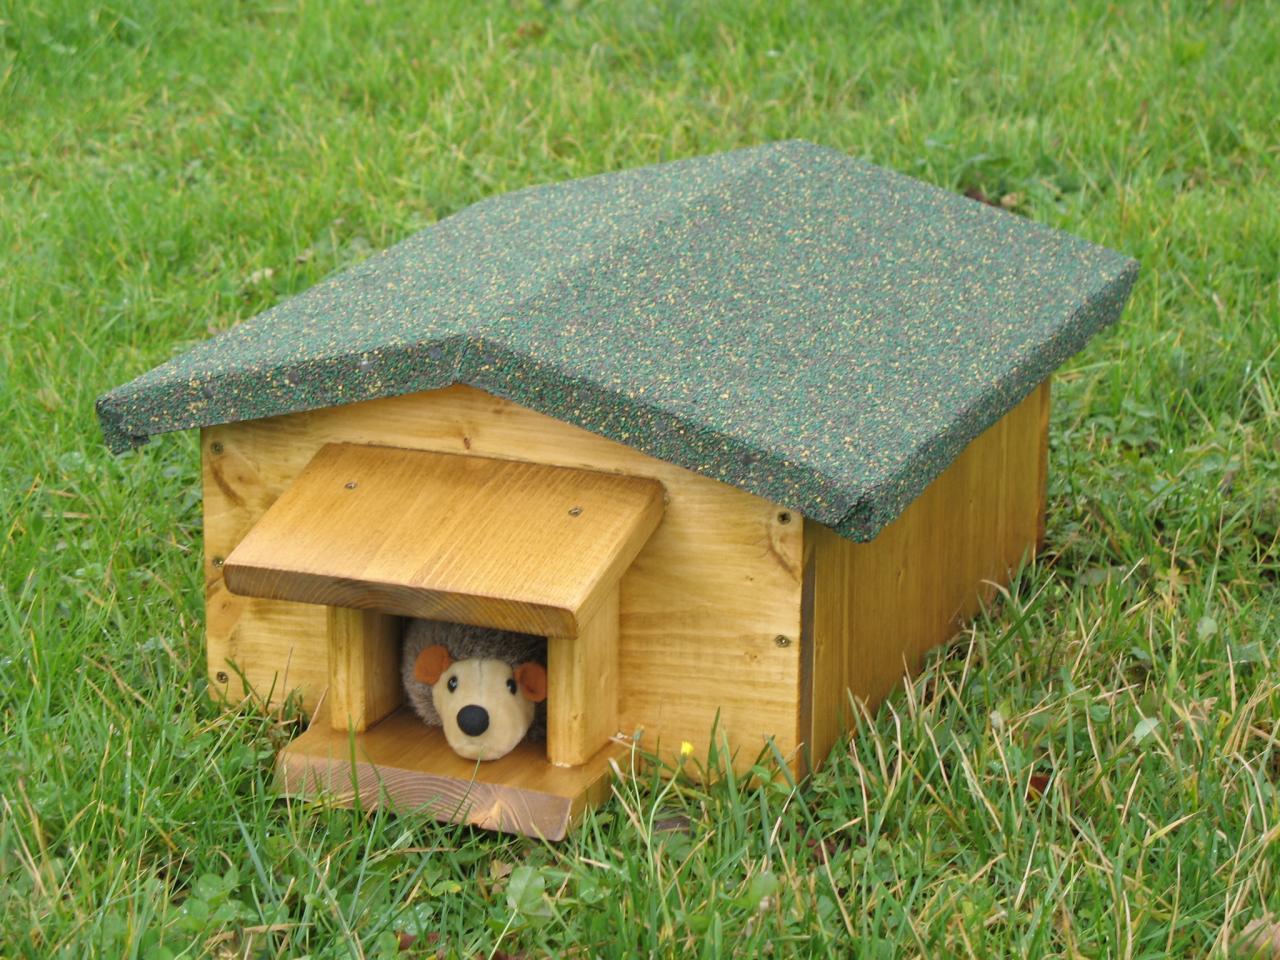 La maison du herisson ventana blog - Abri pour herisson ...